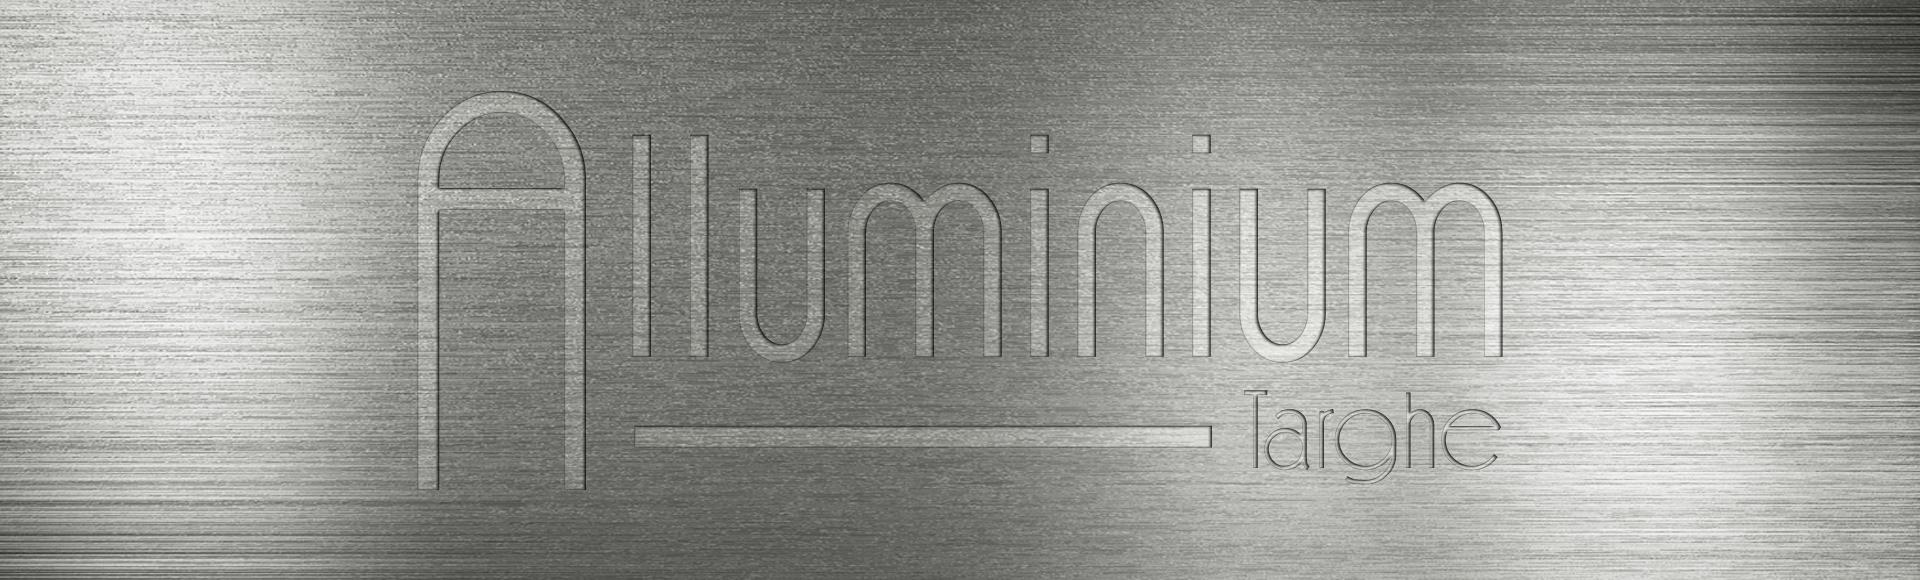 Alluminio, l'elemento del futuro